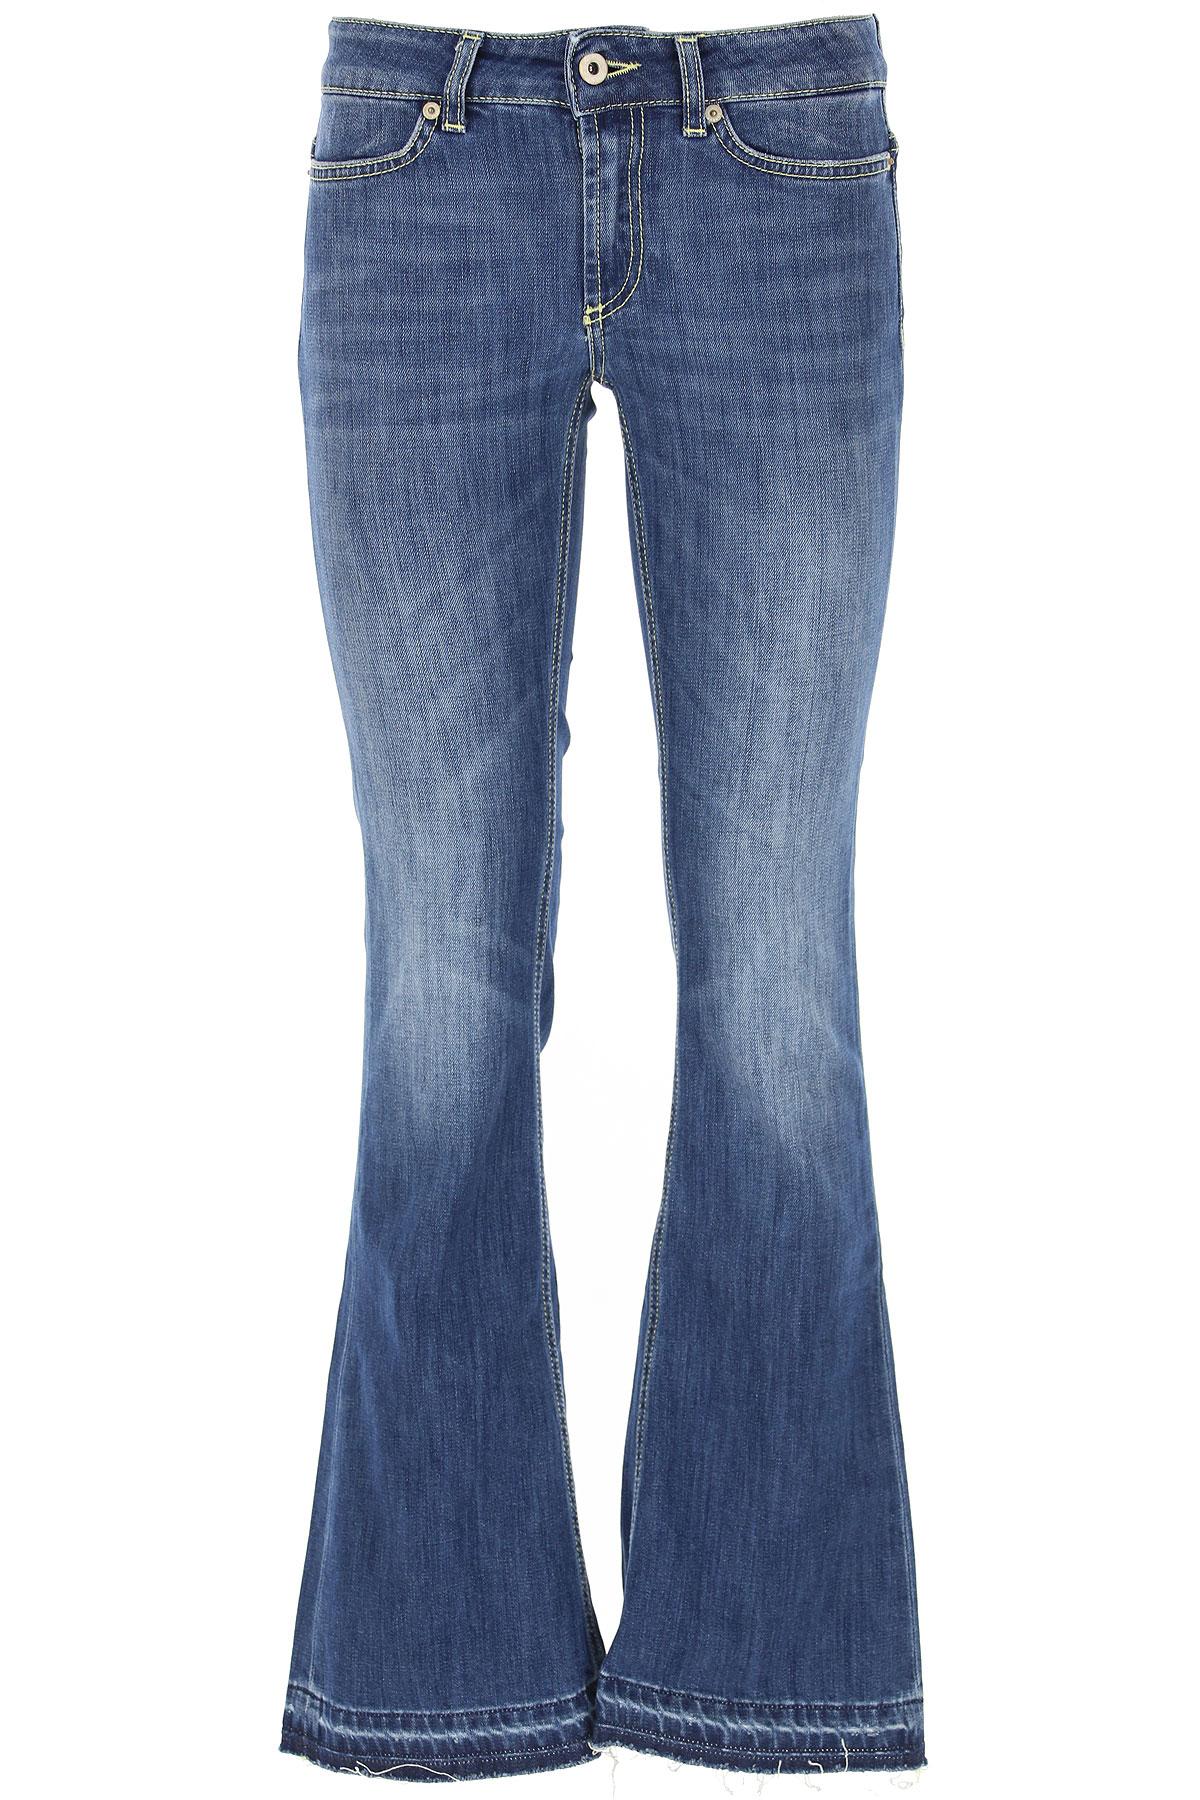 Dondup Jeans, Denim Blue, Cotton, 2017, 25 26 27 28 29 30 31